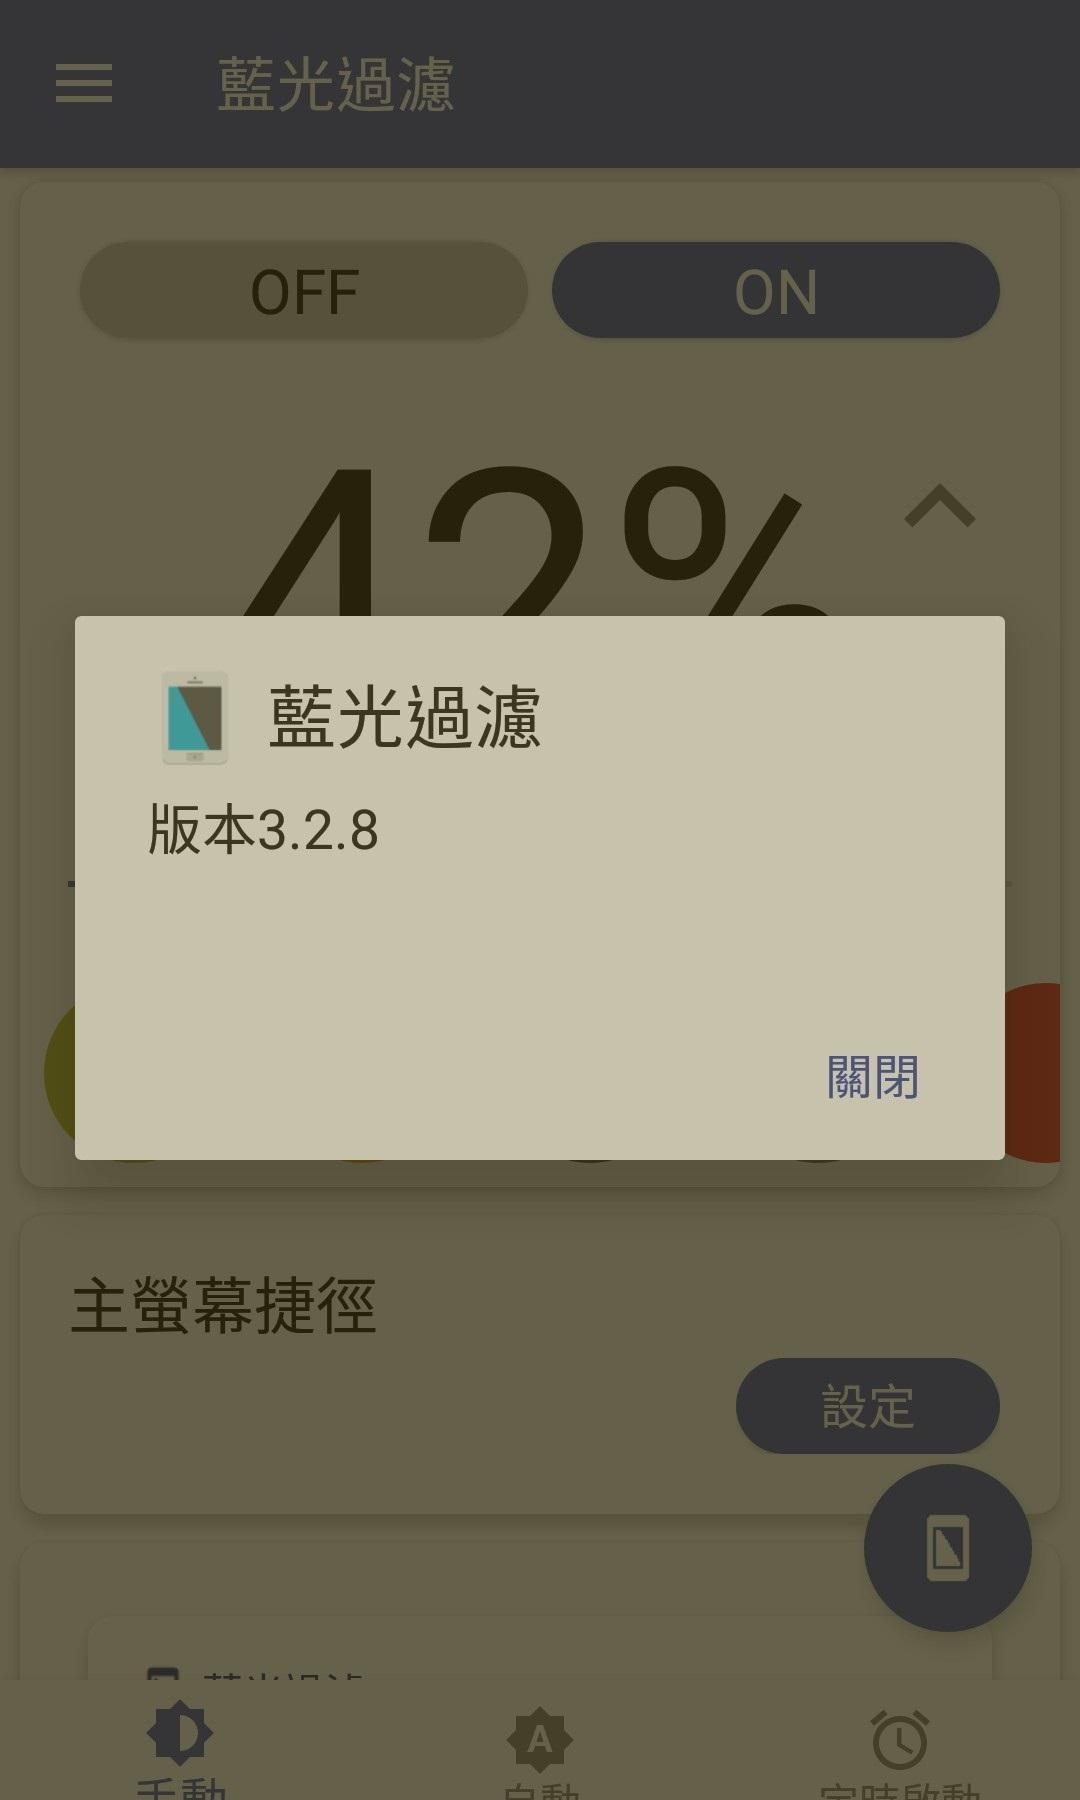 藍光過濾(藍色光濾波器) Bluelight Filter Pro v3.3.1 繁體中文解鎖完整版 - Android 遊戲.應用下載 - 冰楓論壇 - 綜合 ...